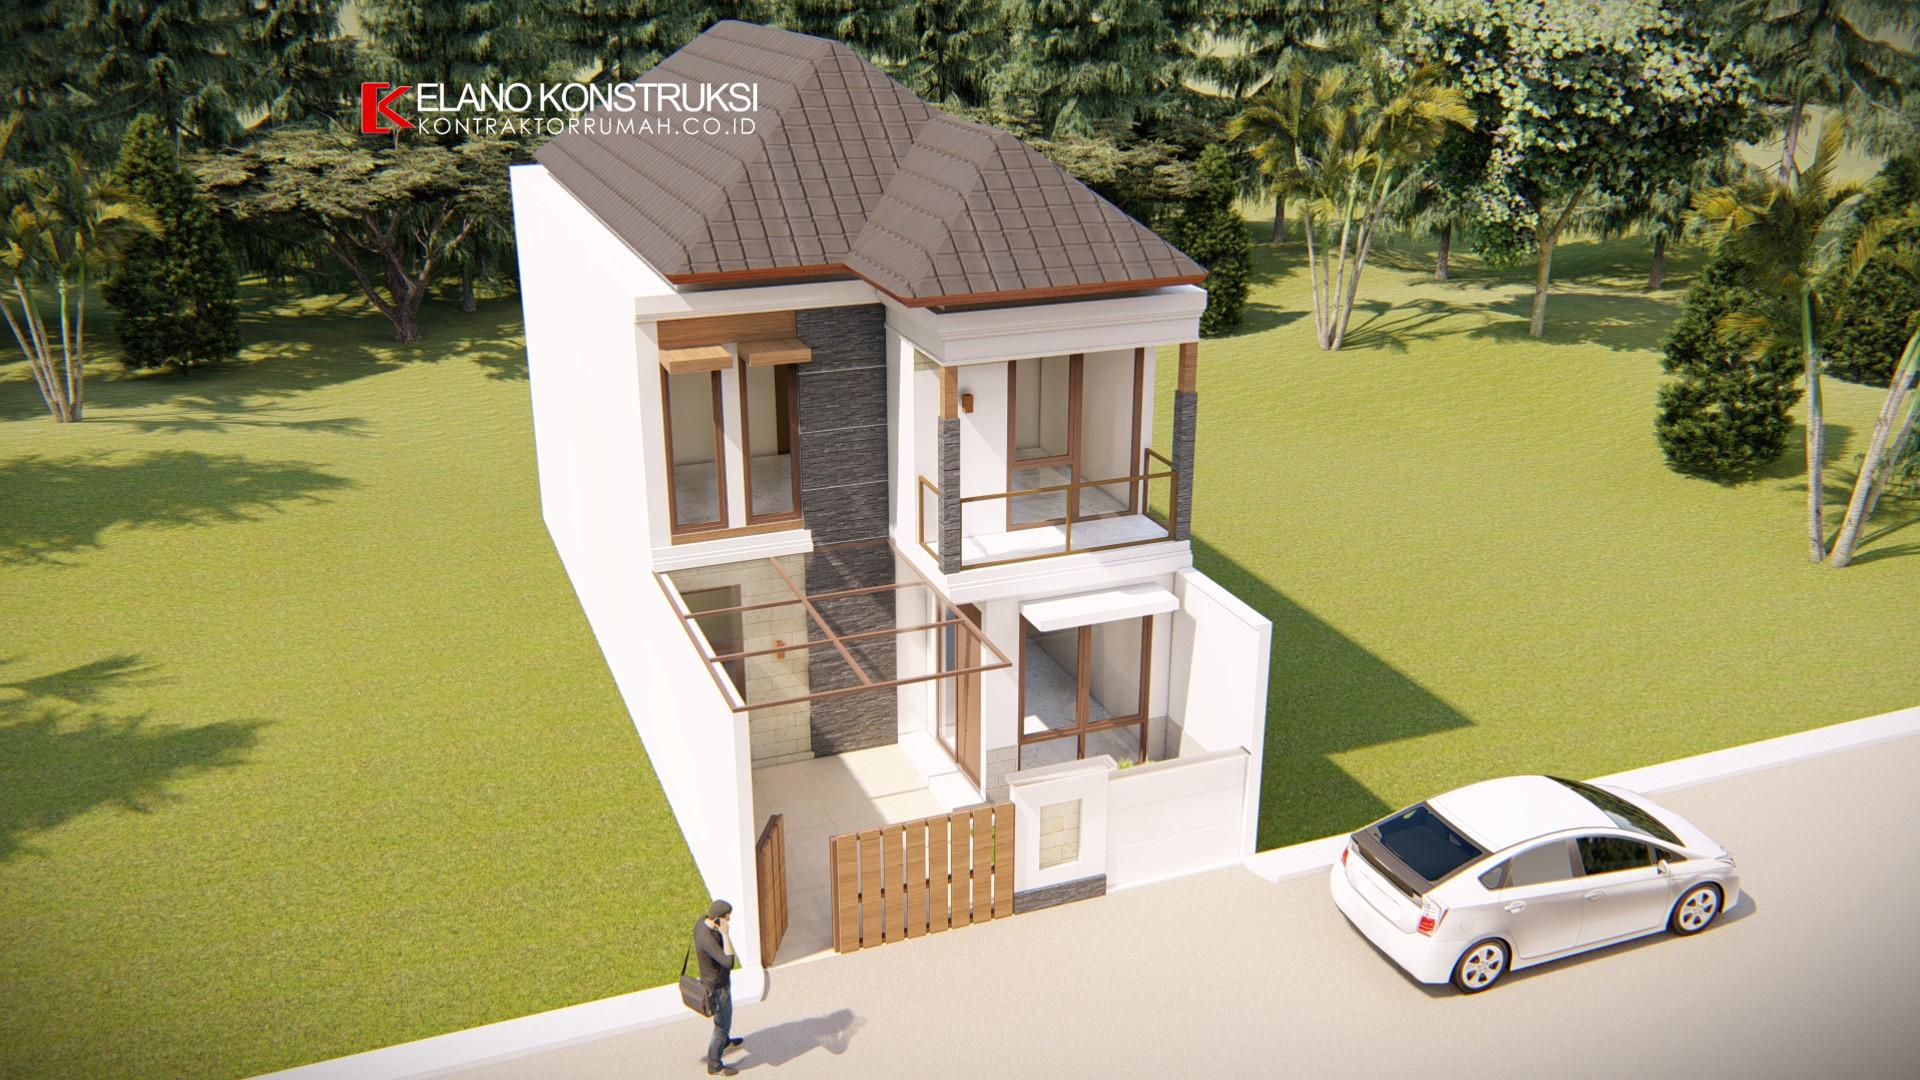 4 2 - Desain Rumah Minimalis Ibu Novi 140 M2 Tangerang